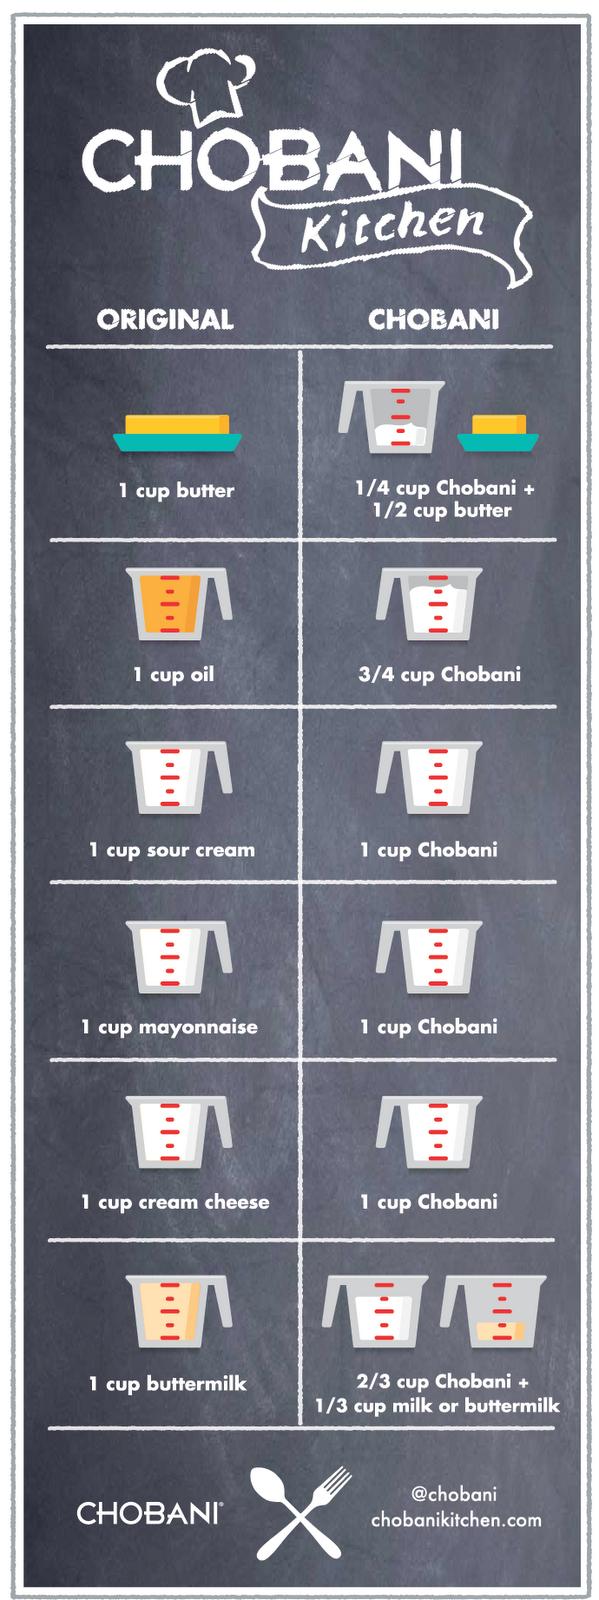 Chobani Kitchen Recipes